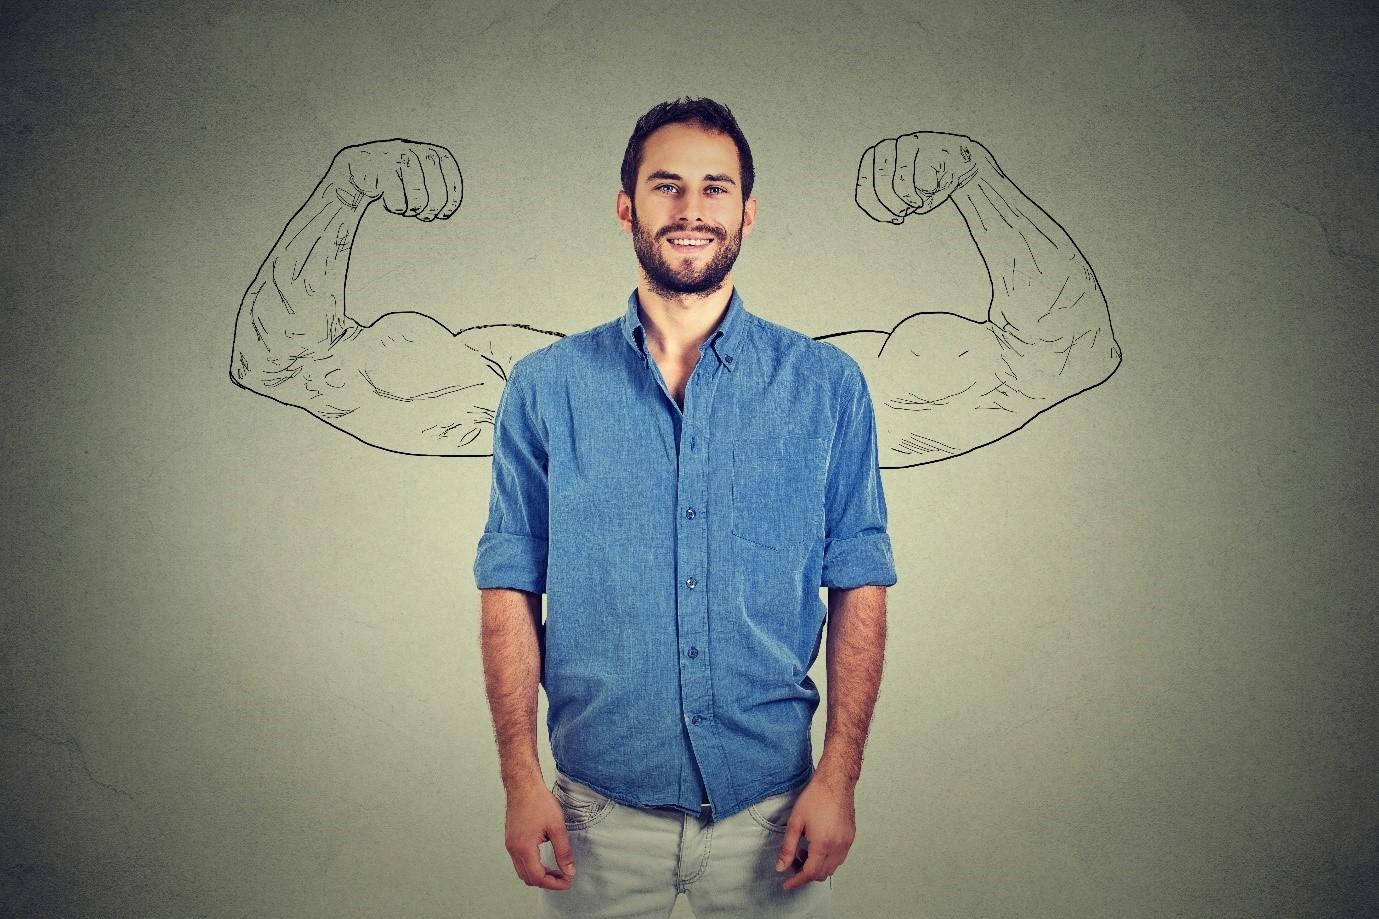 Man Arms